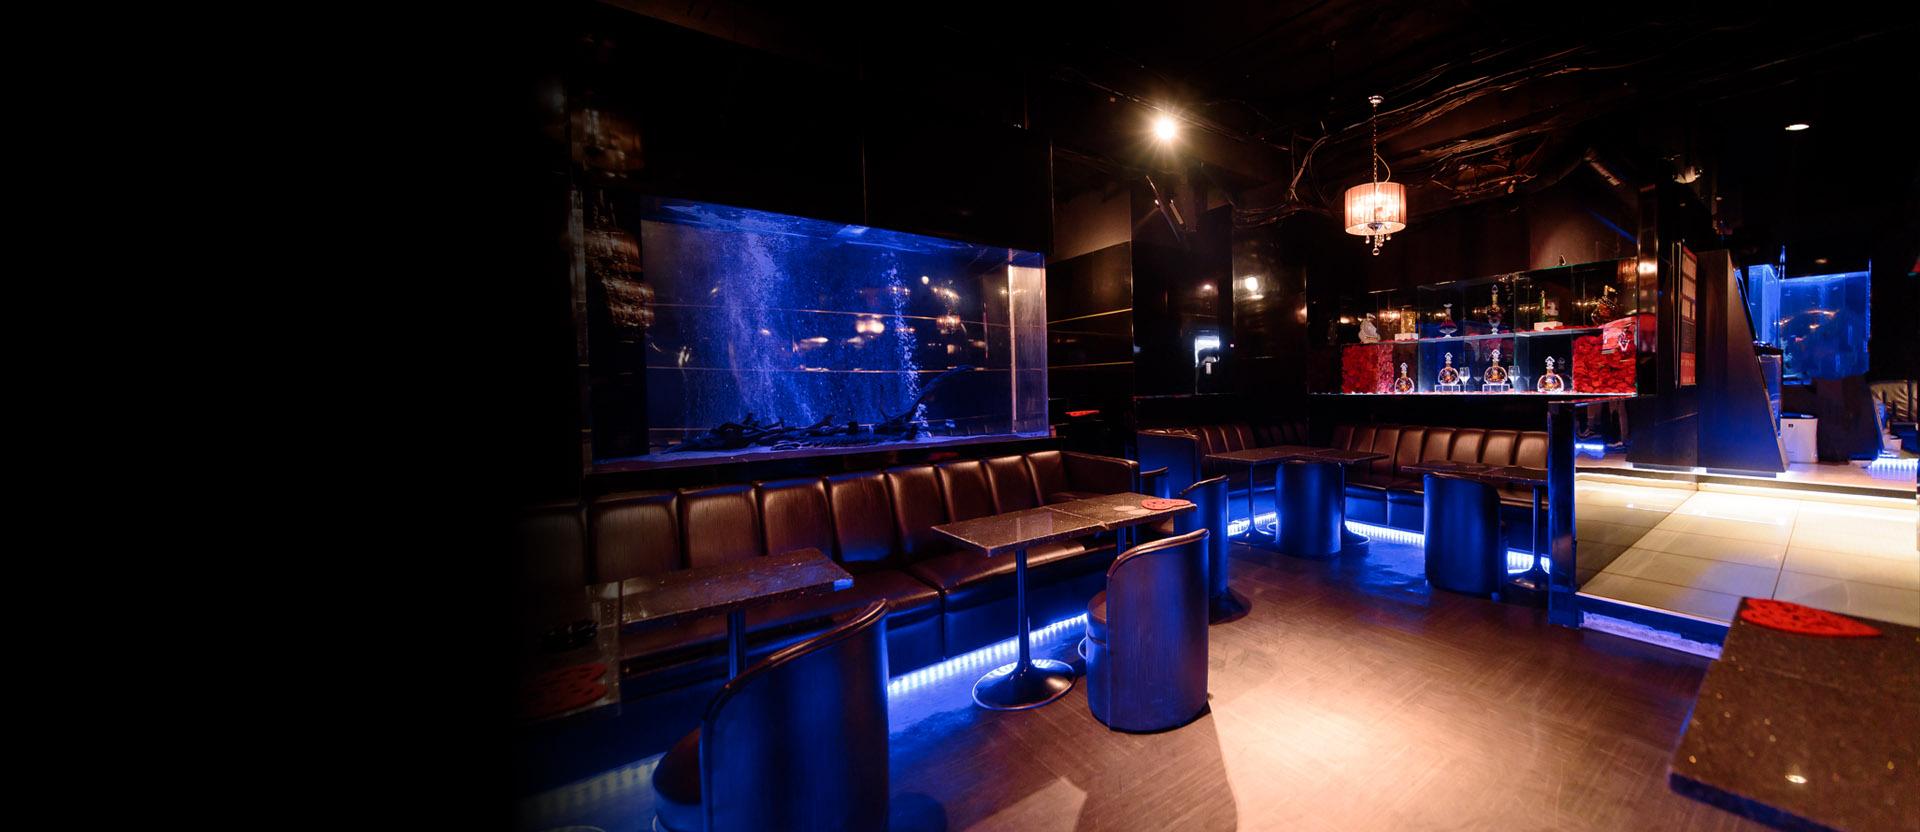 クラブ 新宿 ホスト 今、全国から職を失った若者が歌舞伎町のホストクラブに集まっている! 『夢幻の街』